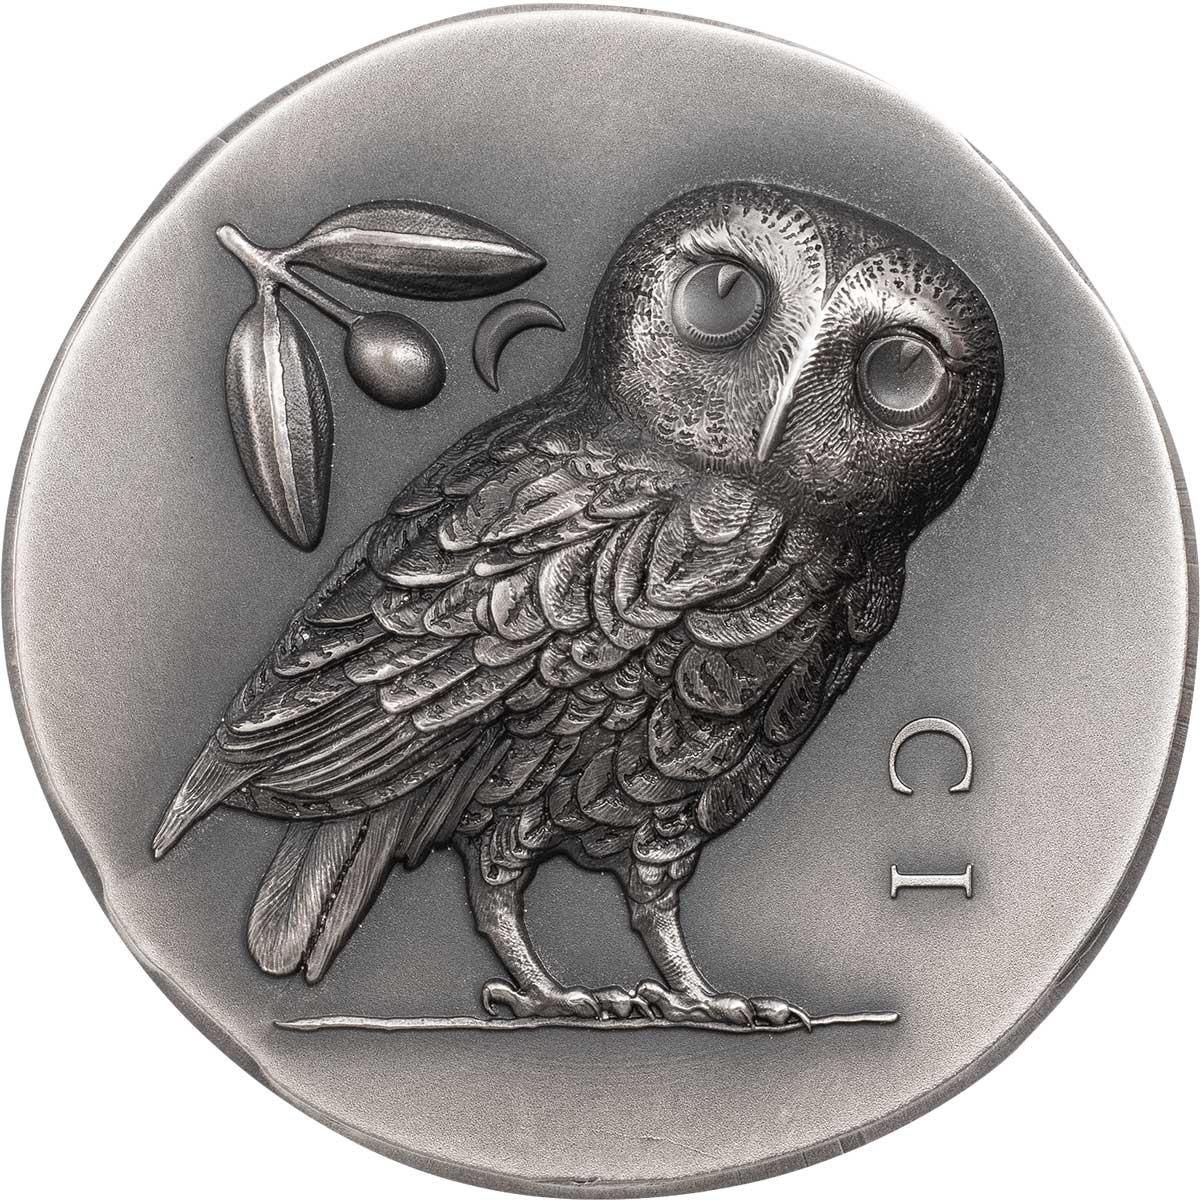 Острова Кука монета 5 долларов Афинская сова, реверс